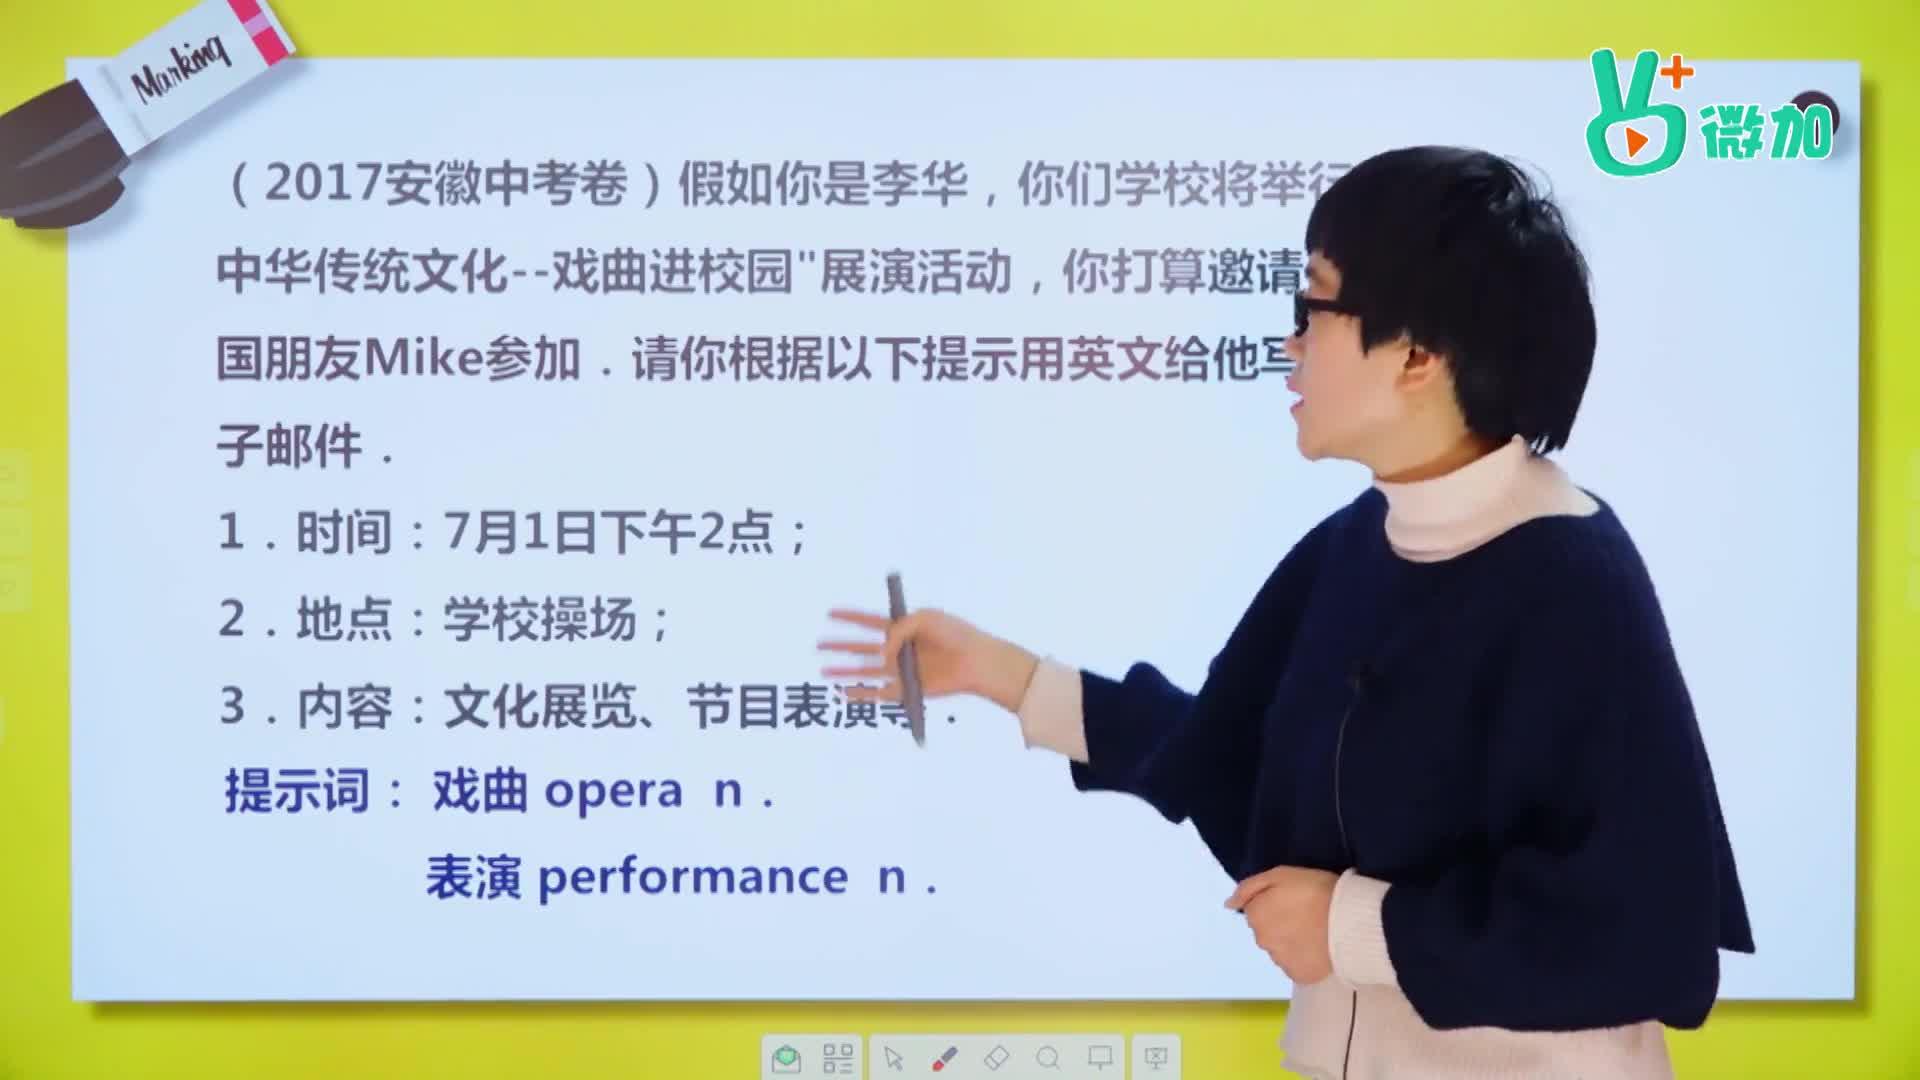 视频19 书面表达之实战演练(六)上 -【微加】史莱克学英语系列中考书面表达